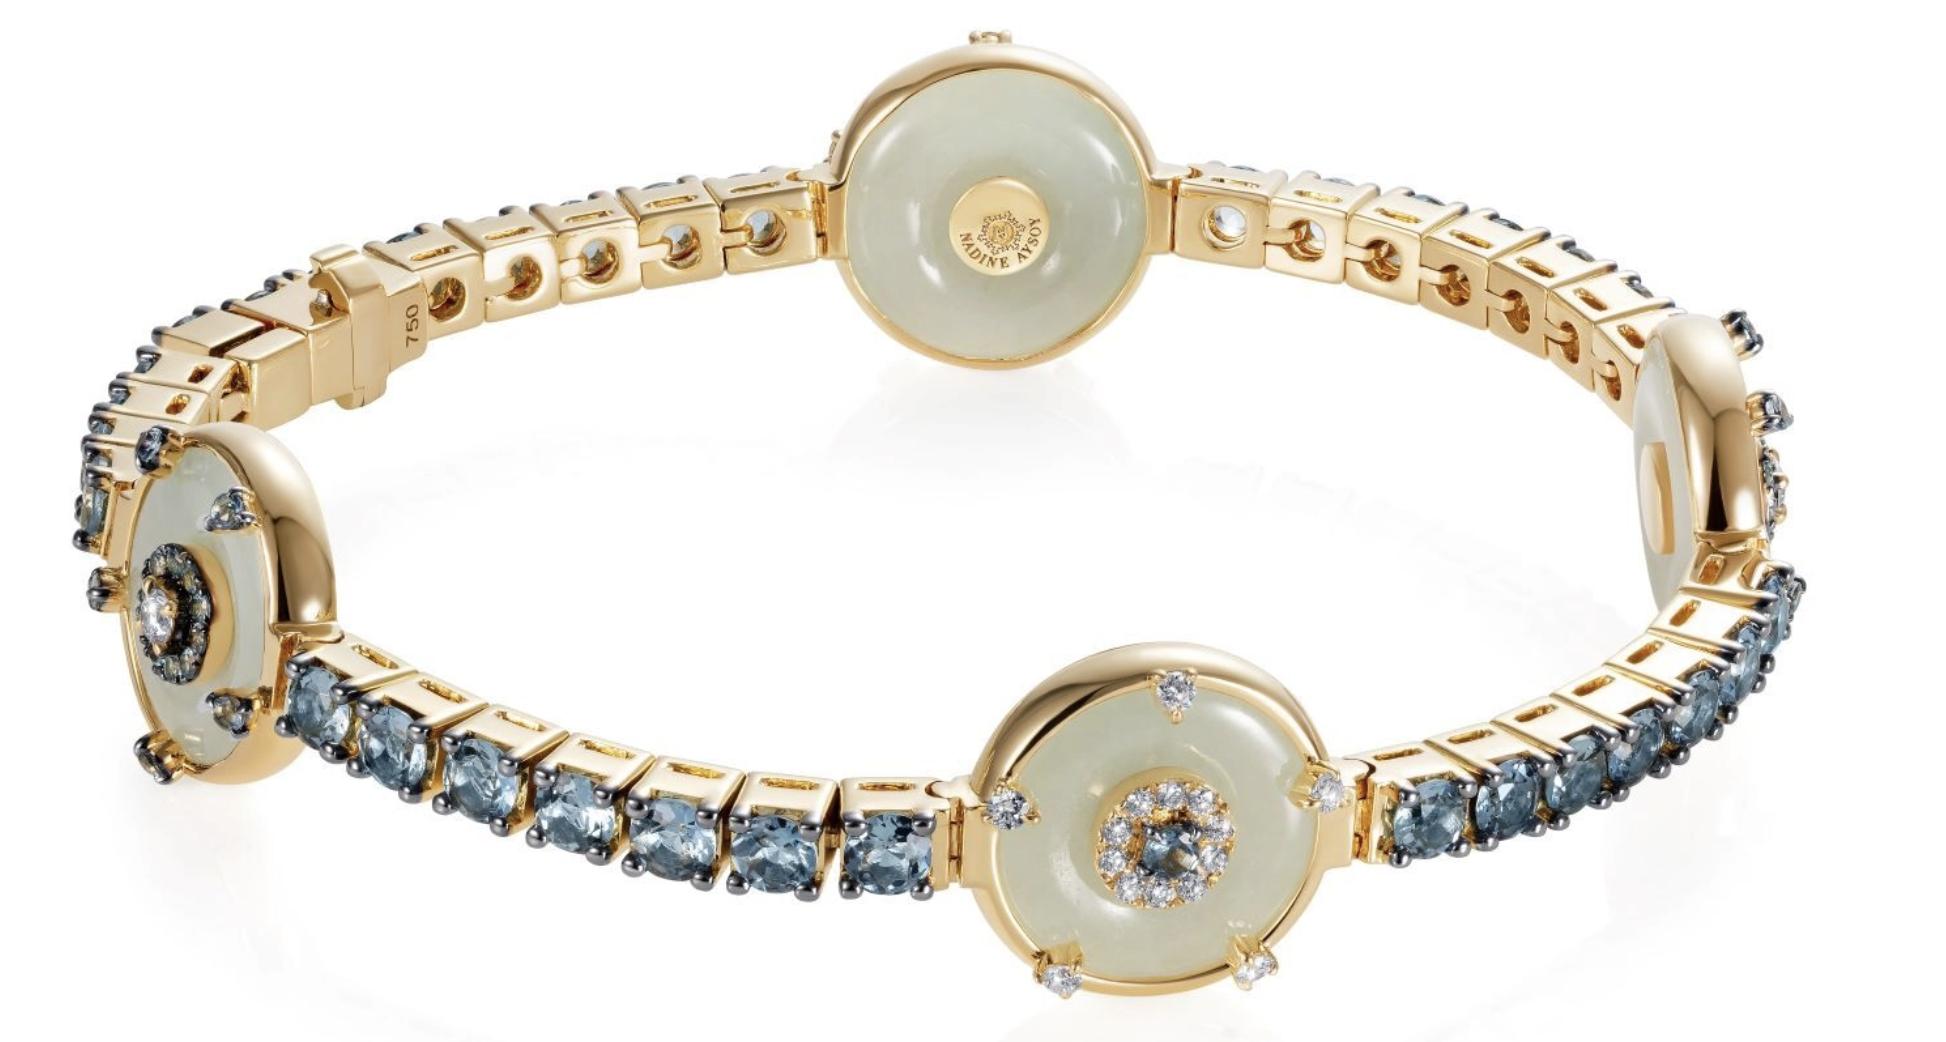 Nadine Aysoy Celeste Aquamarine & Jade Bracelet, £10,590